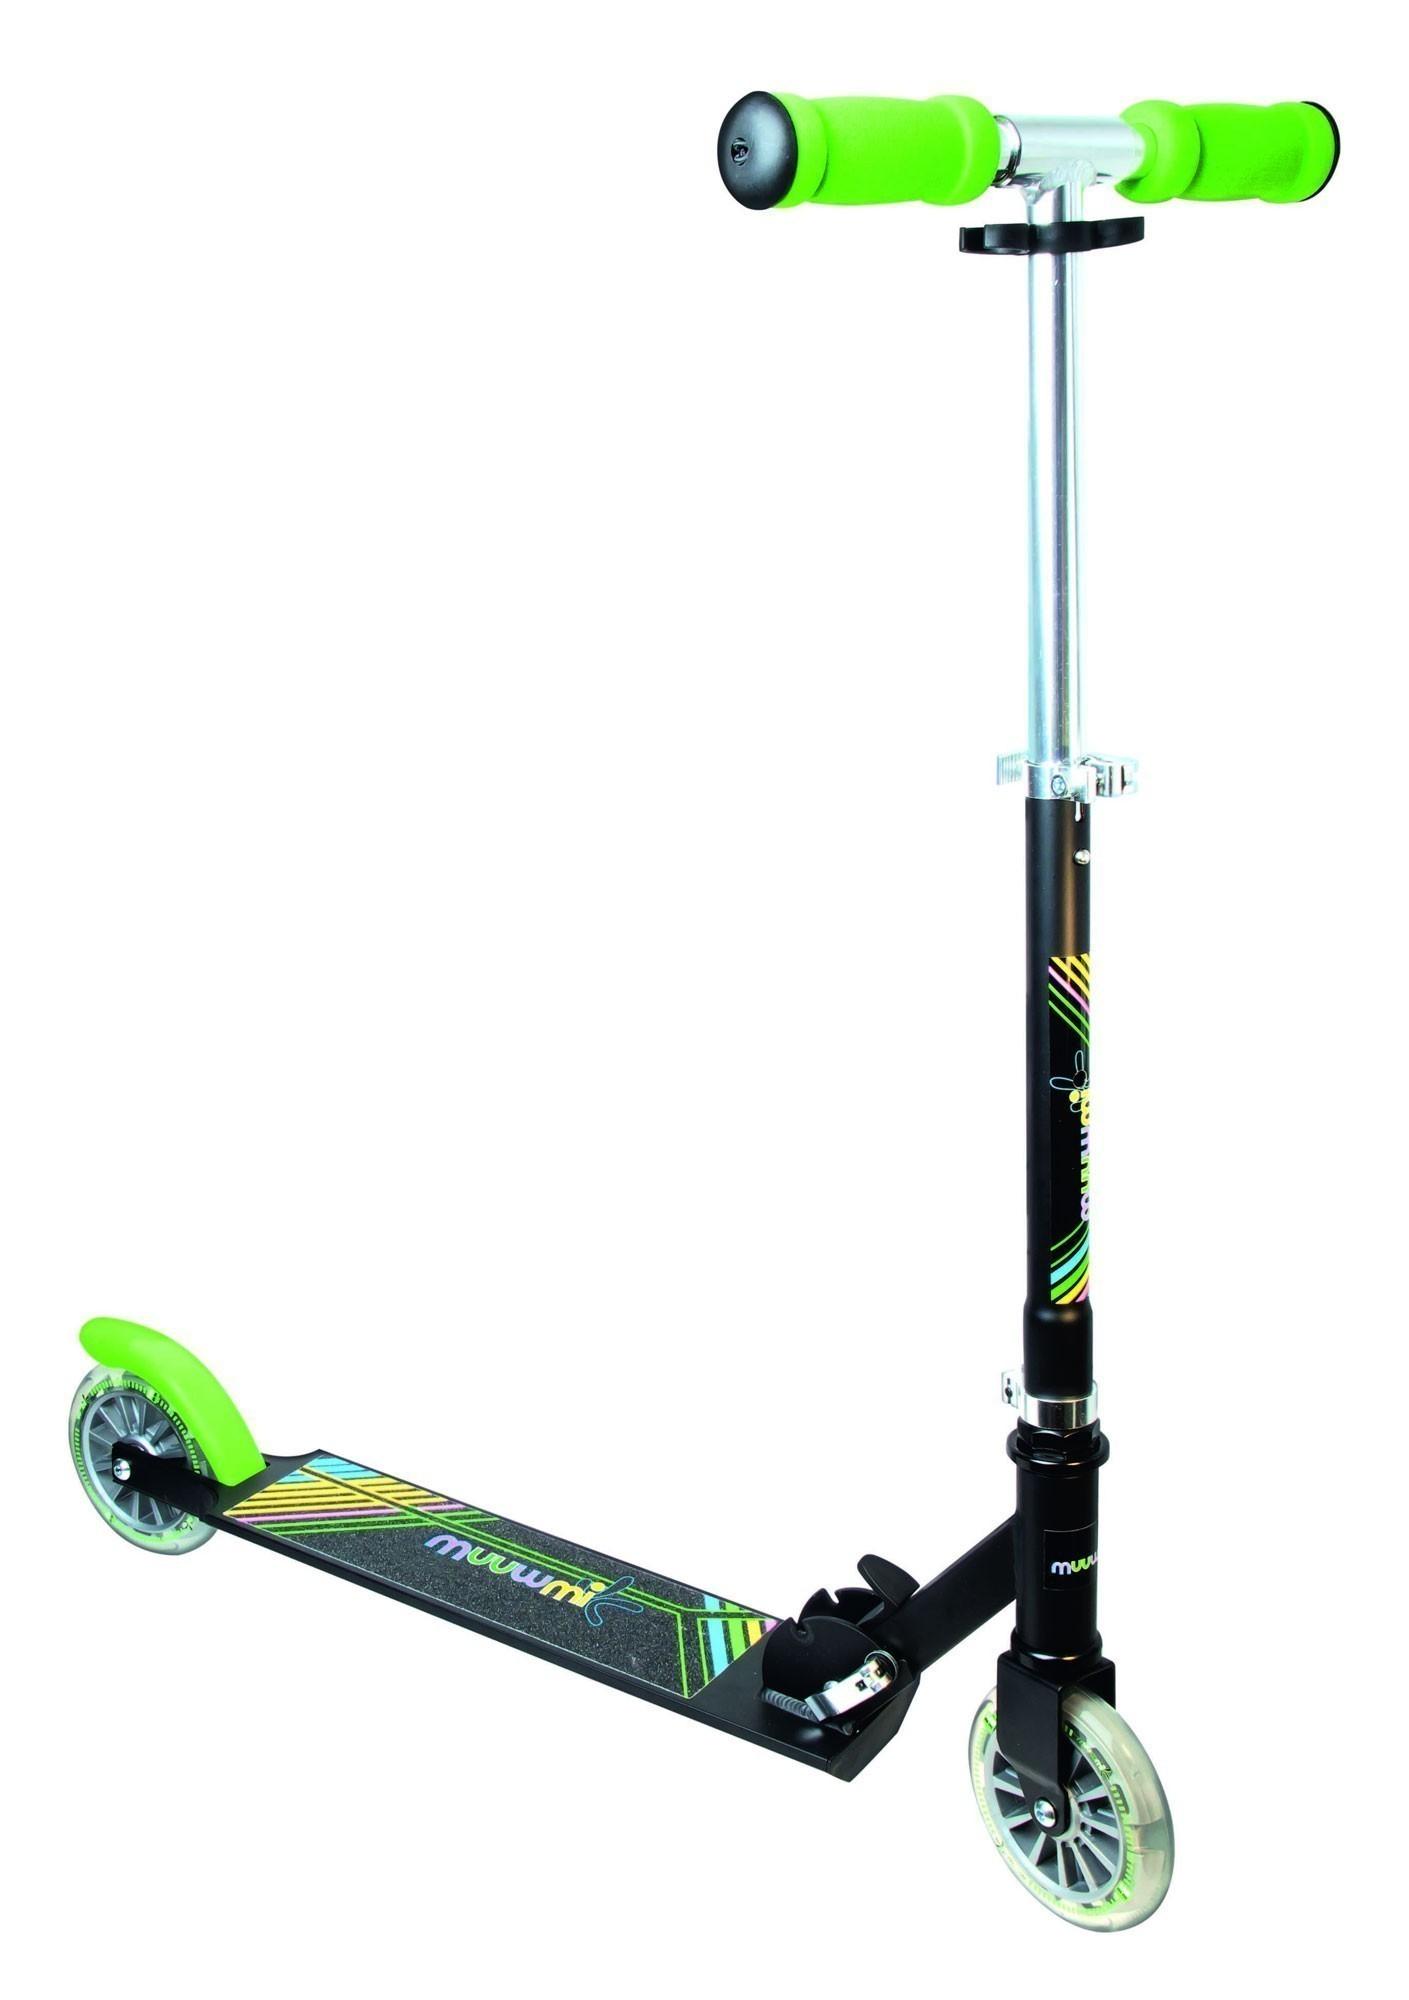 Tretroller, Alu-Scooter, Cityroller Muuwmi 125 Neon grün schwarz Bild 1